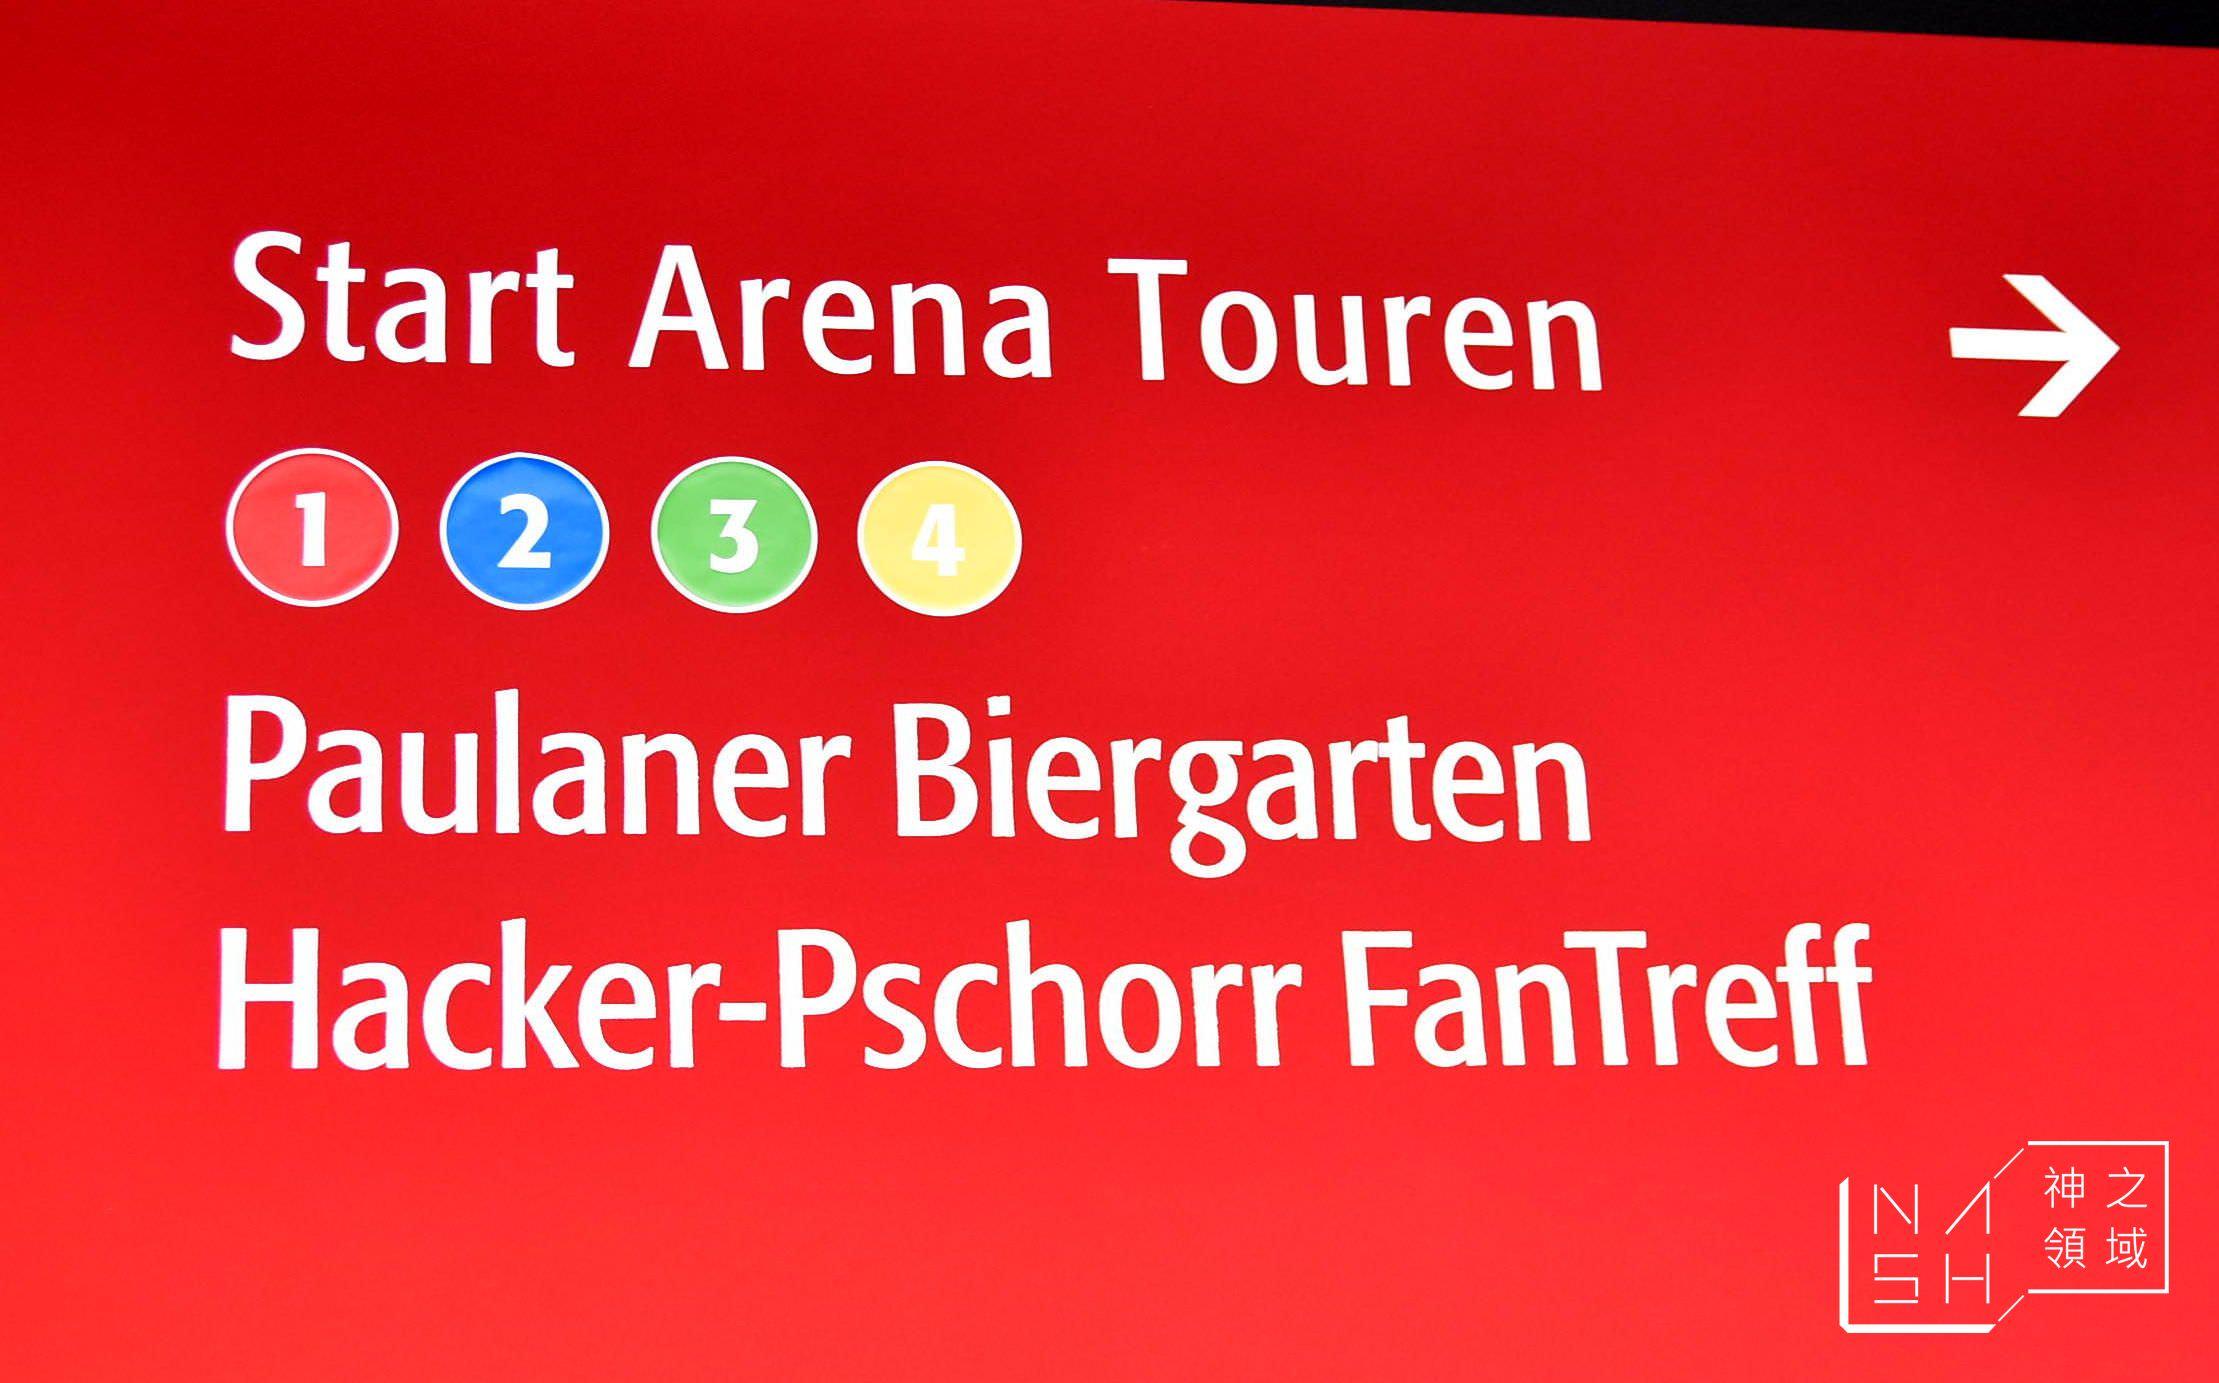 拜仁慕尼黑主場球場導覽,拜仁慕尼黑,拜仁球場導覽,安聯球場導覽